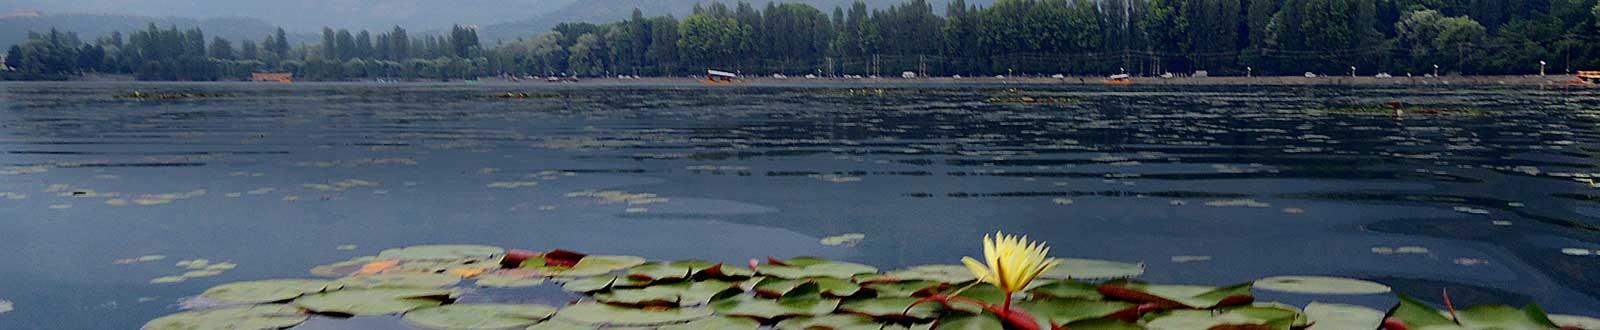 LjA_slider-sm_lake